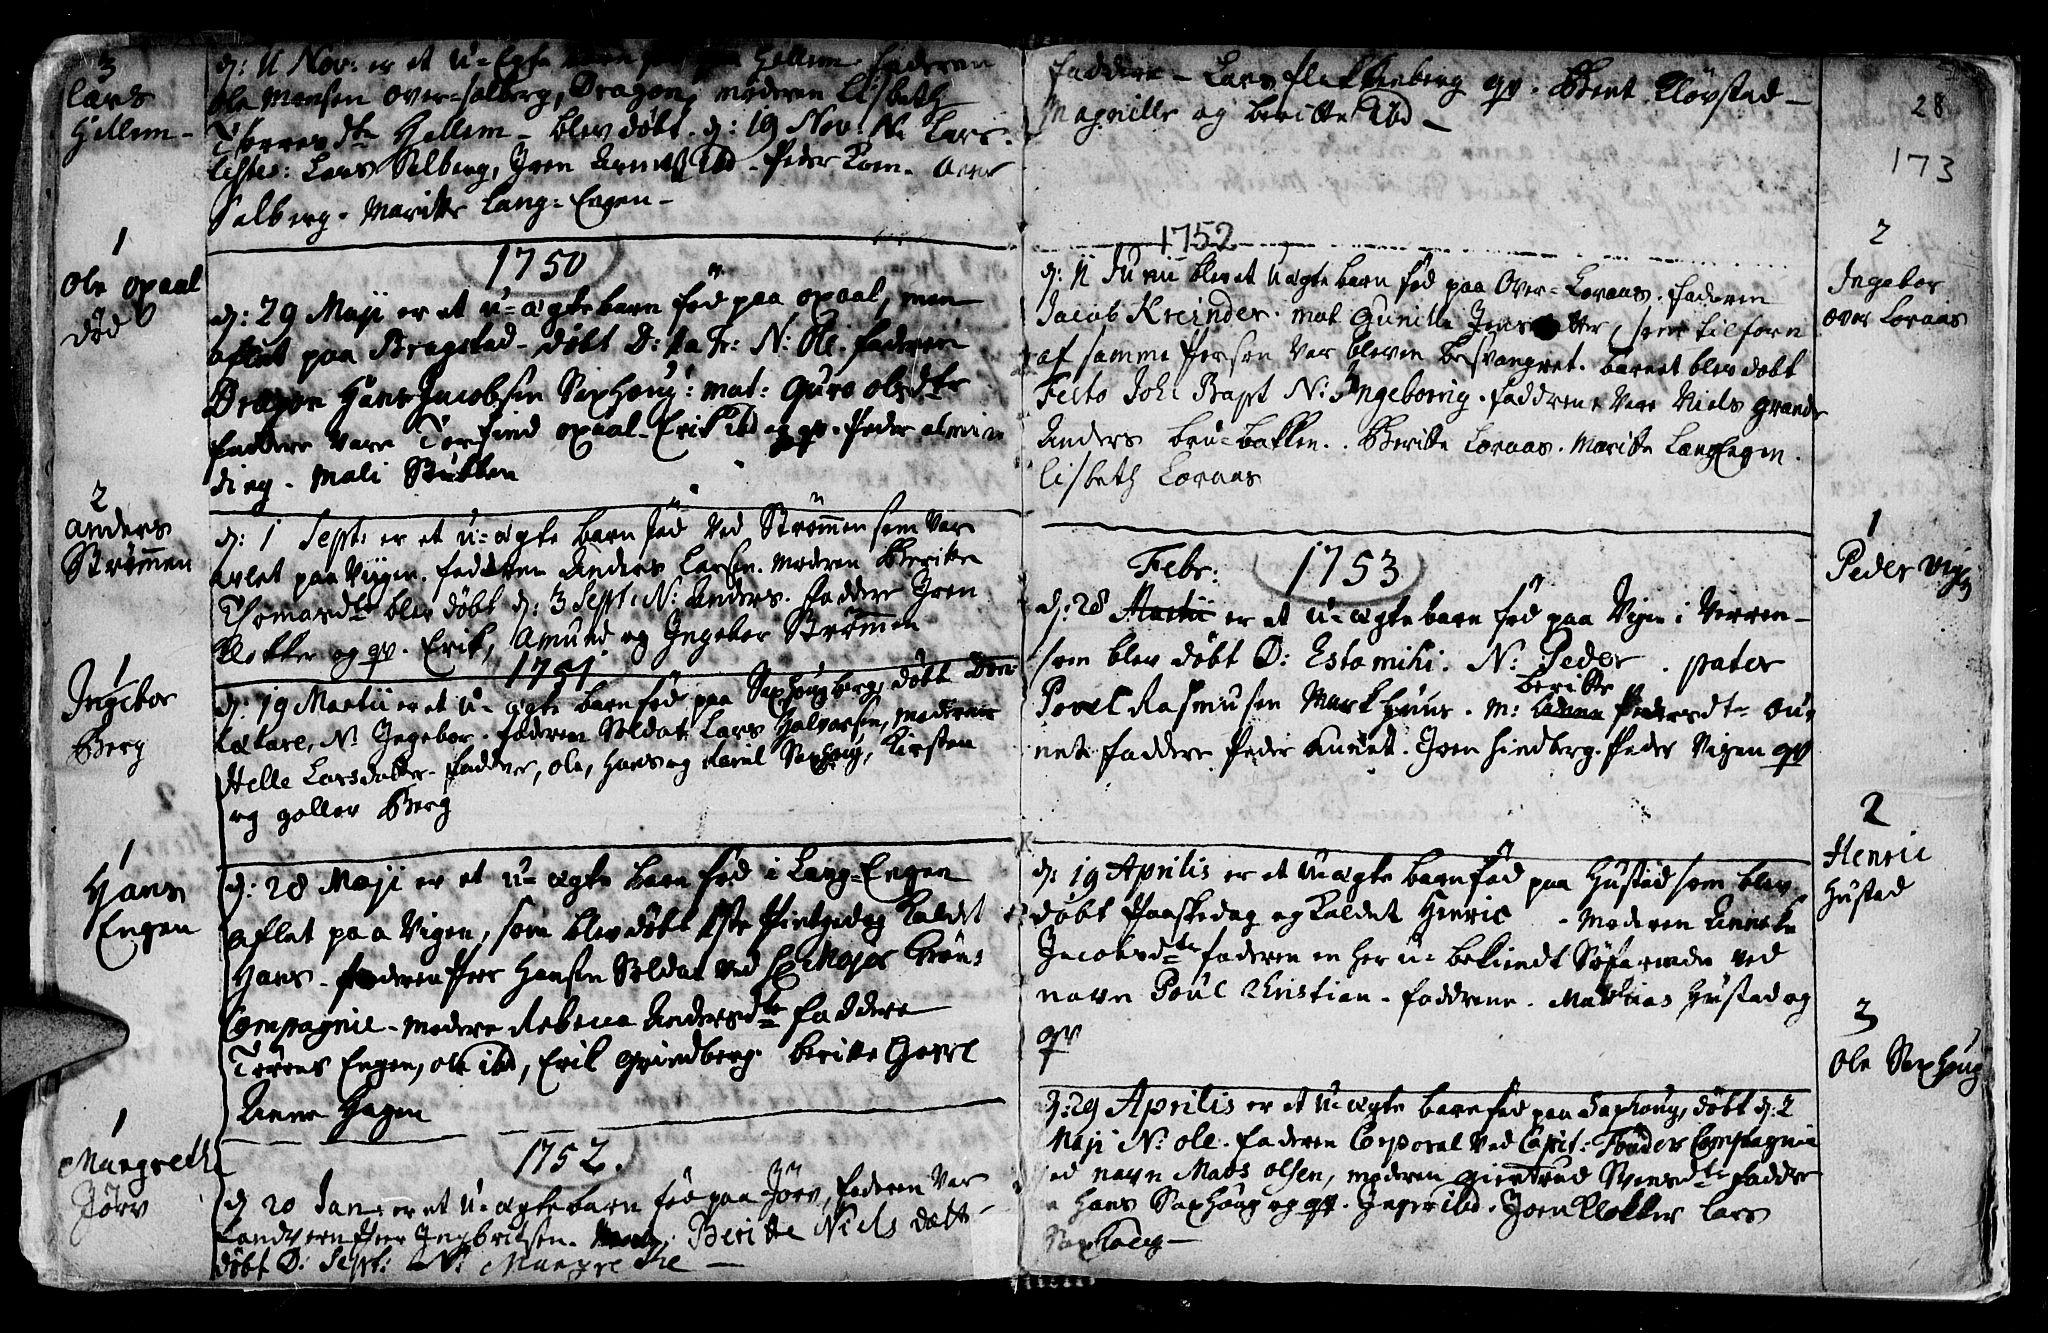 SAT, Ministerialprotokoller, klokkerbøker og fødselsregistre - Nord-Trøndelag, 730/L0272: Ministerialbok nr. 730A01, 1733-1764, s. 173